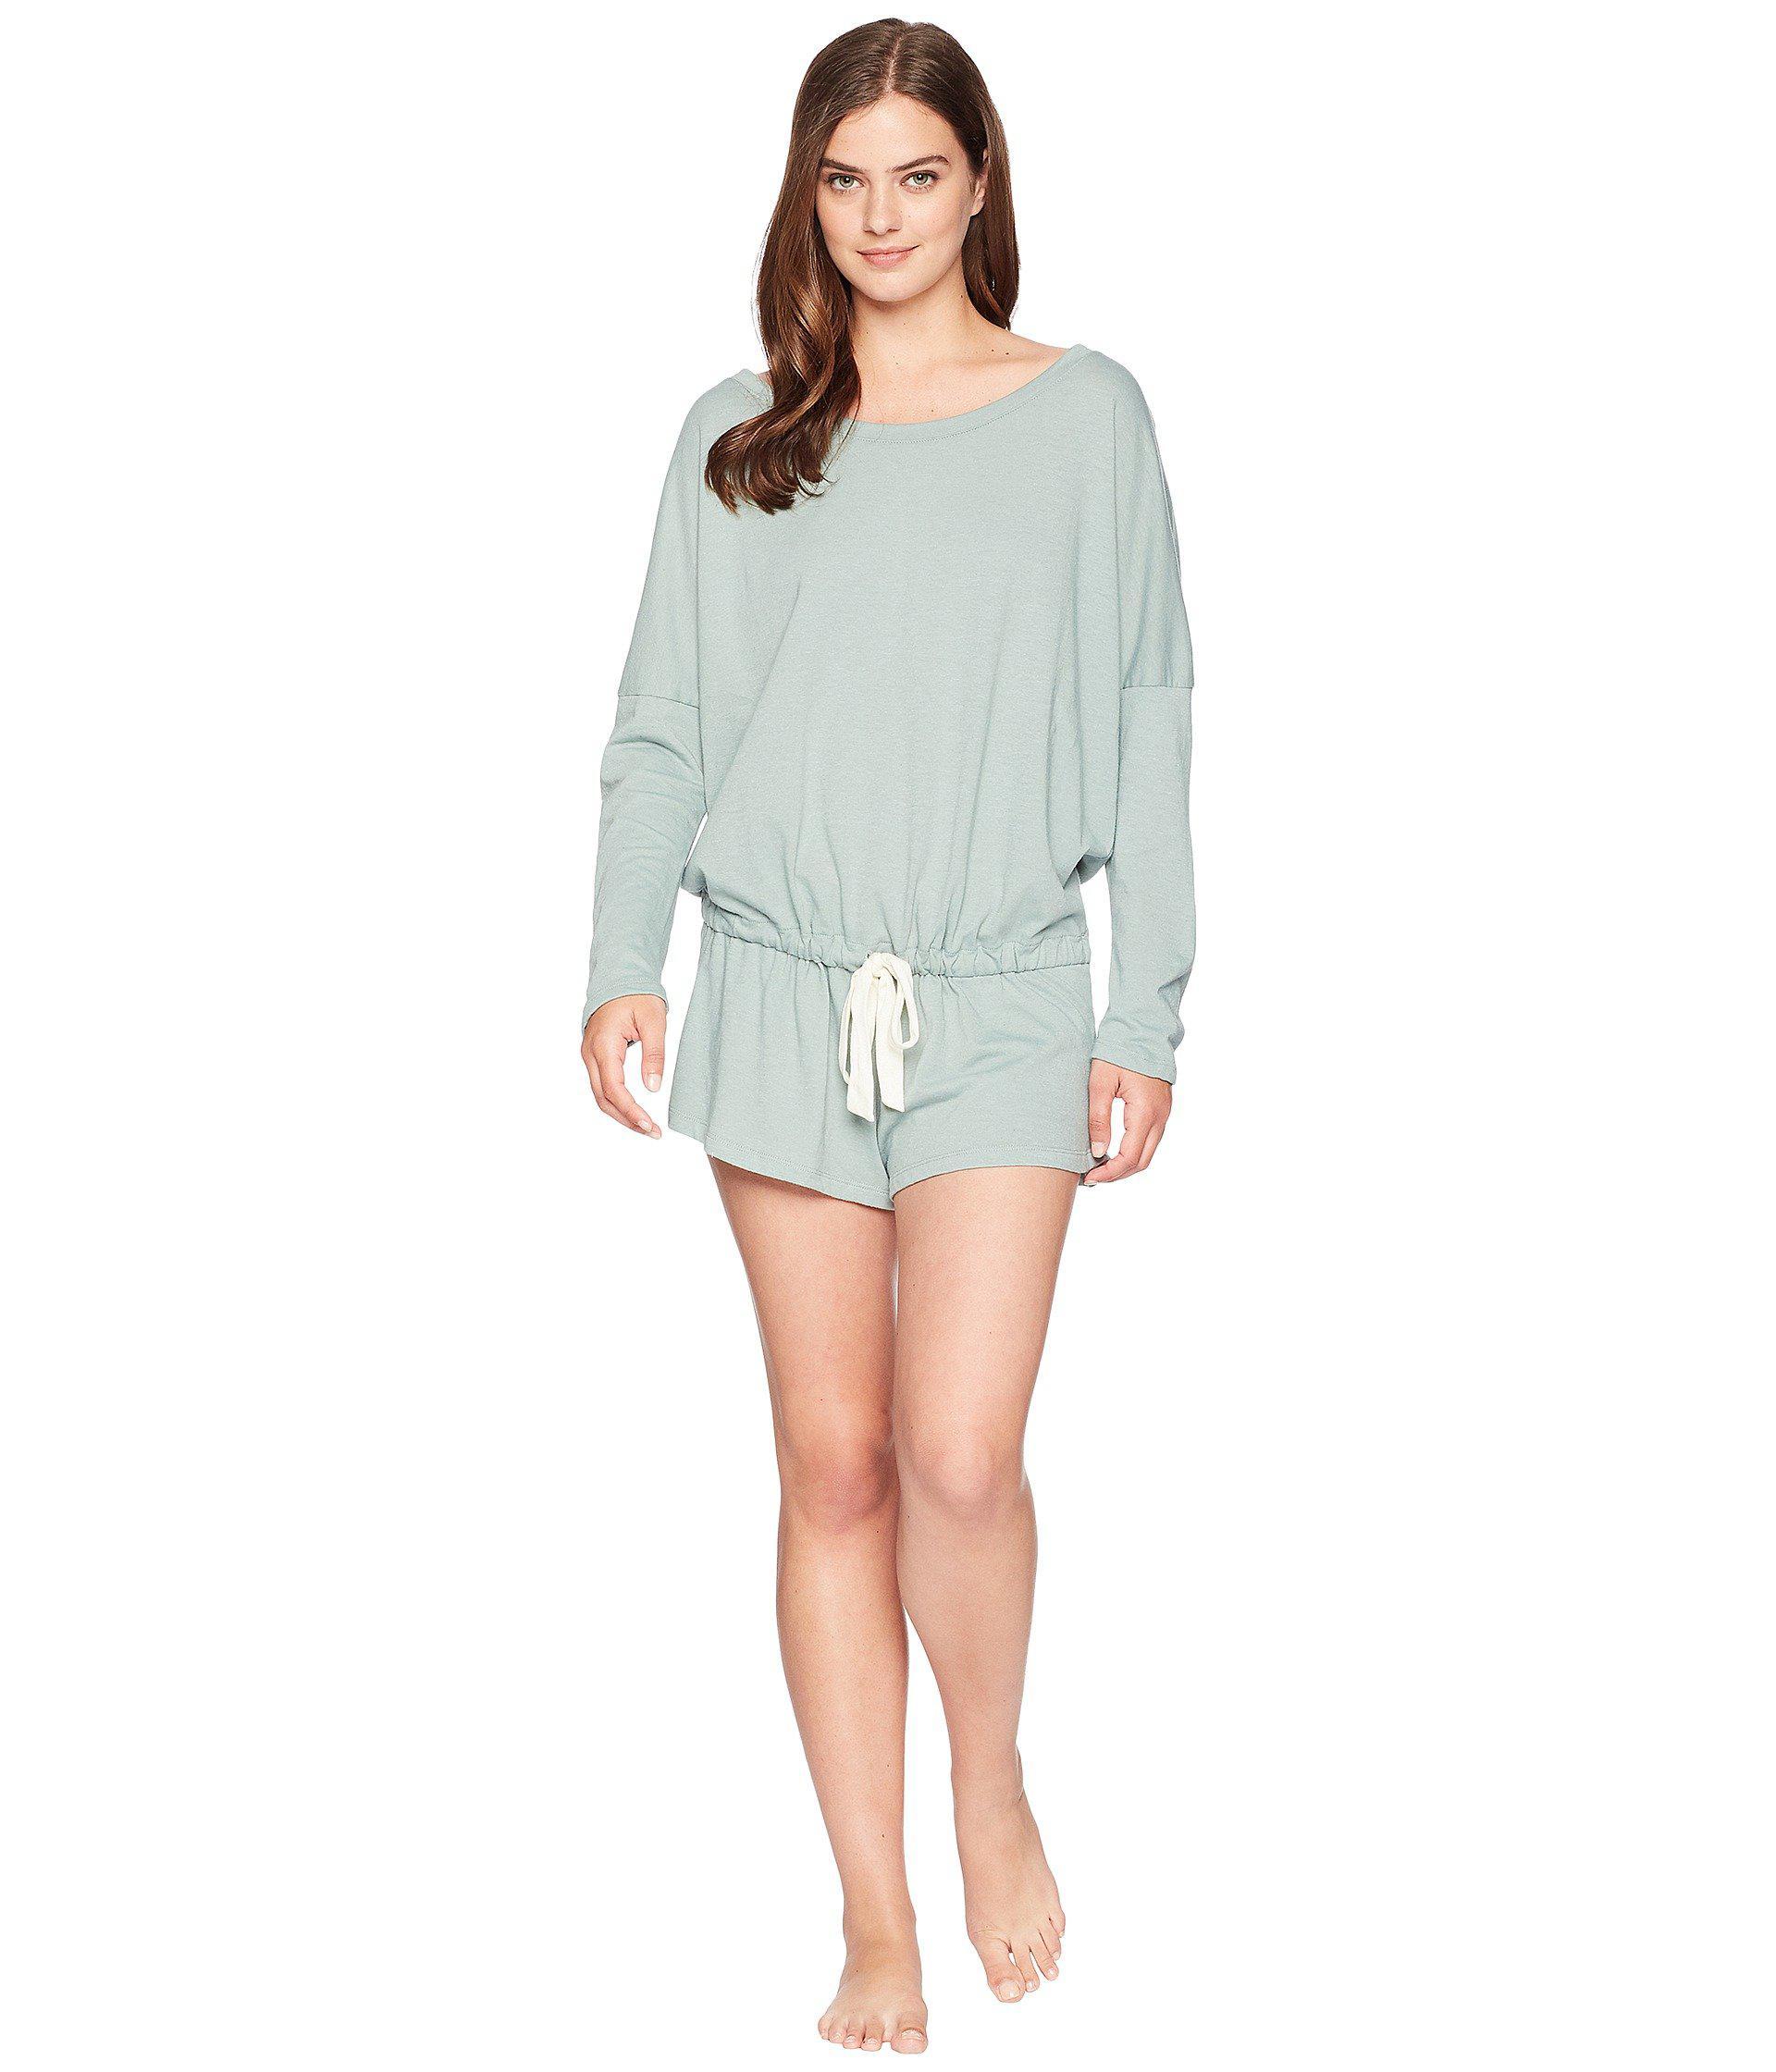 15284461294b Lyst - Eberjey Heather - The Lounge Teddy (moss) Women s Jumpsuit ...